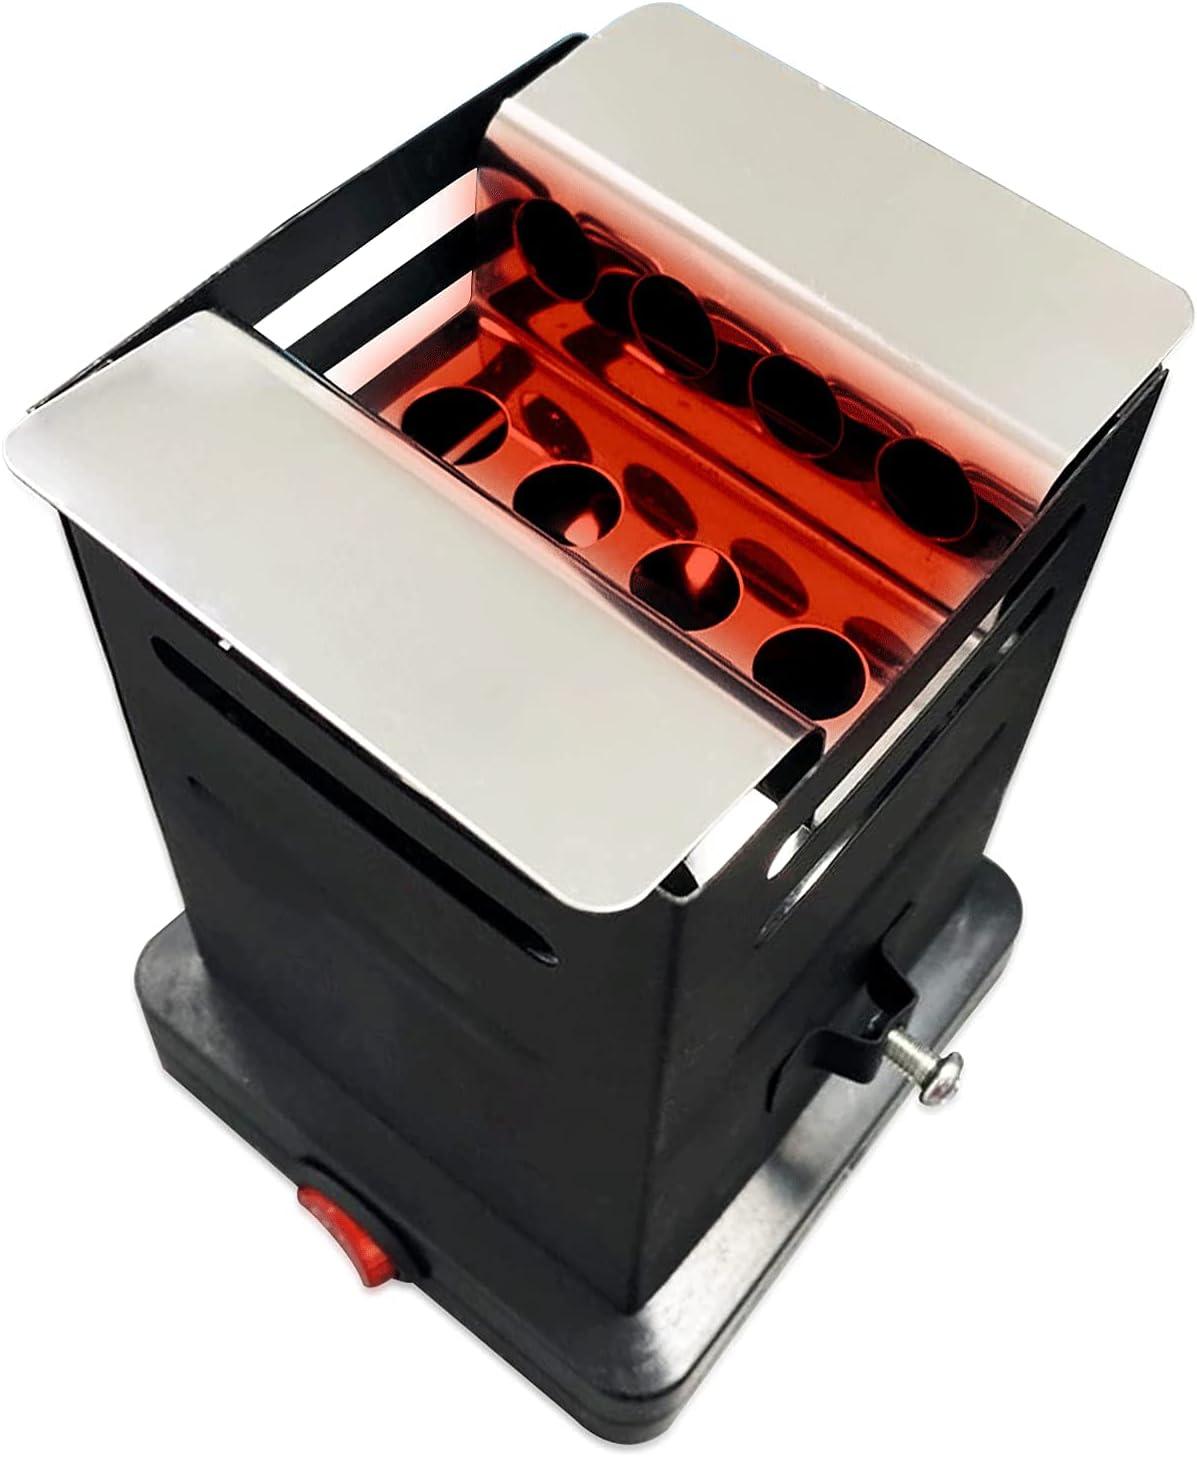 PAIDE P Hornillo eléctrico de carbón natural para Shisha, Cachimba, Narguile. Encender rápidamente el carbón natural. Bajo consumo 600 o 800w. Portátil con cable. (600w)